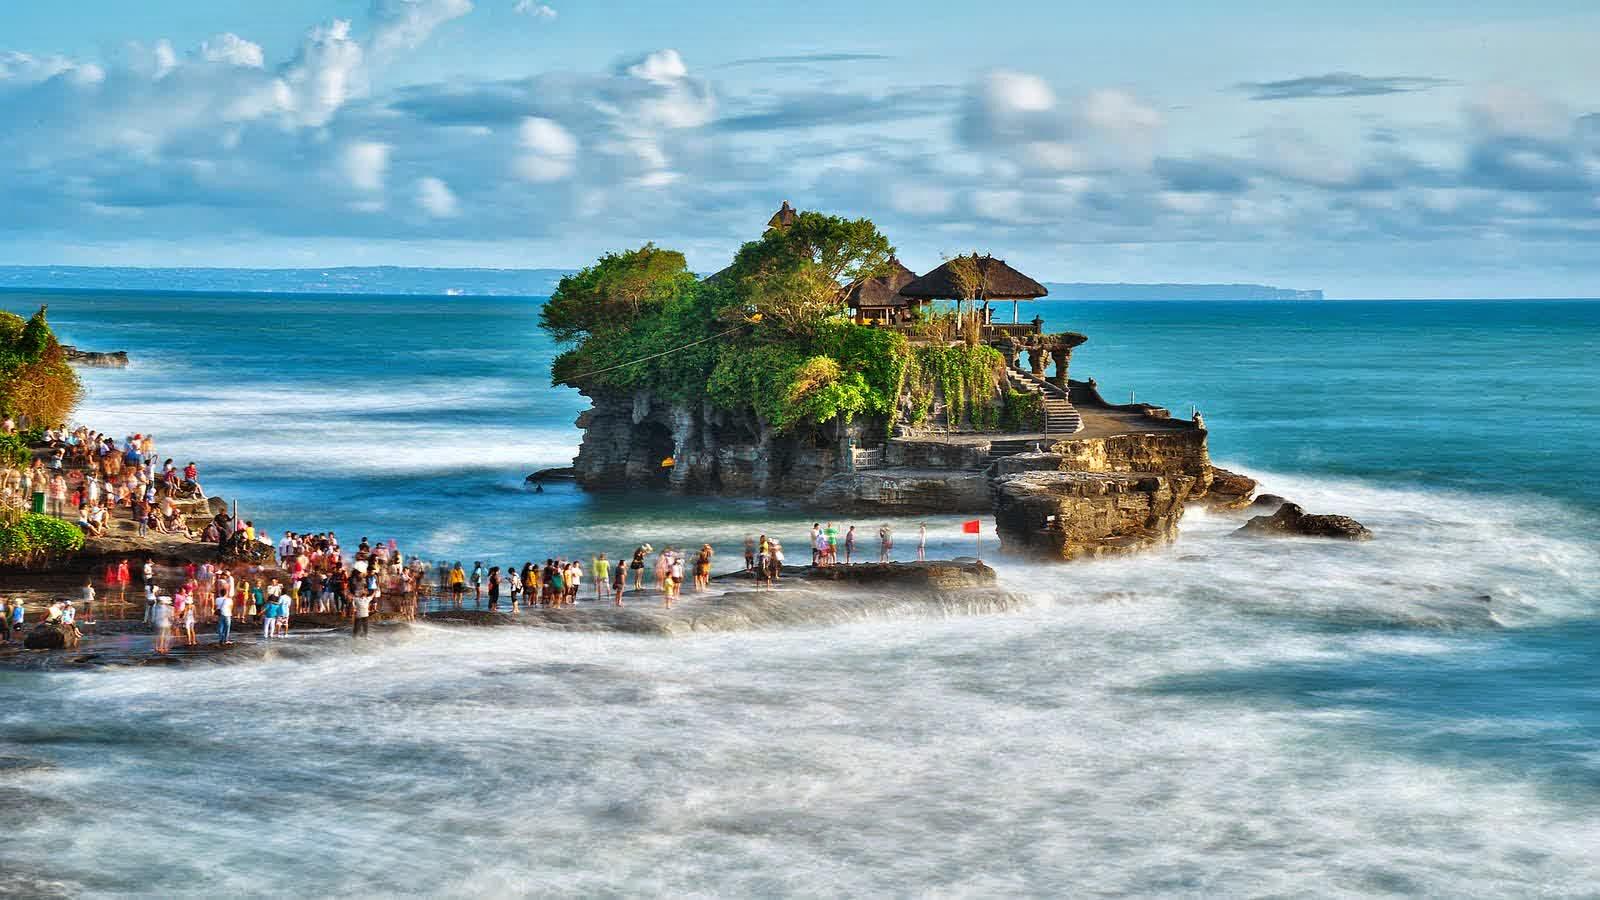 Inilah Alasan Kenapa Bali Lebih Dikenal Daripada Indonesia